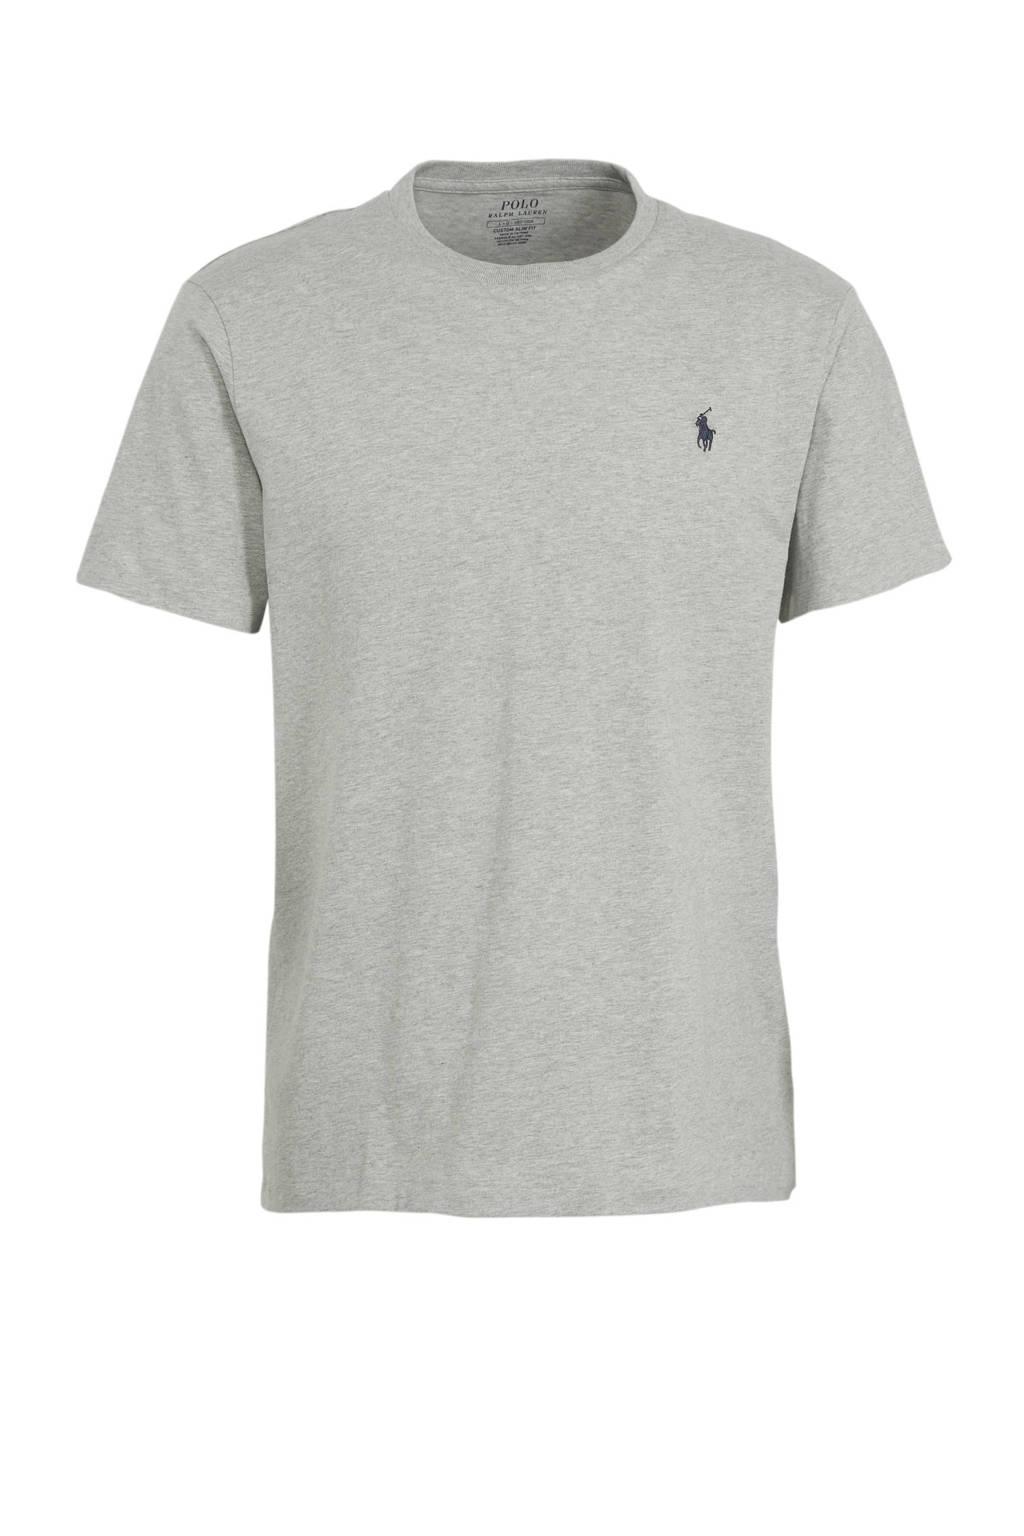 POLO Ralph Lauren T-shirt met logo grijs, Grijs